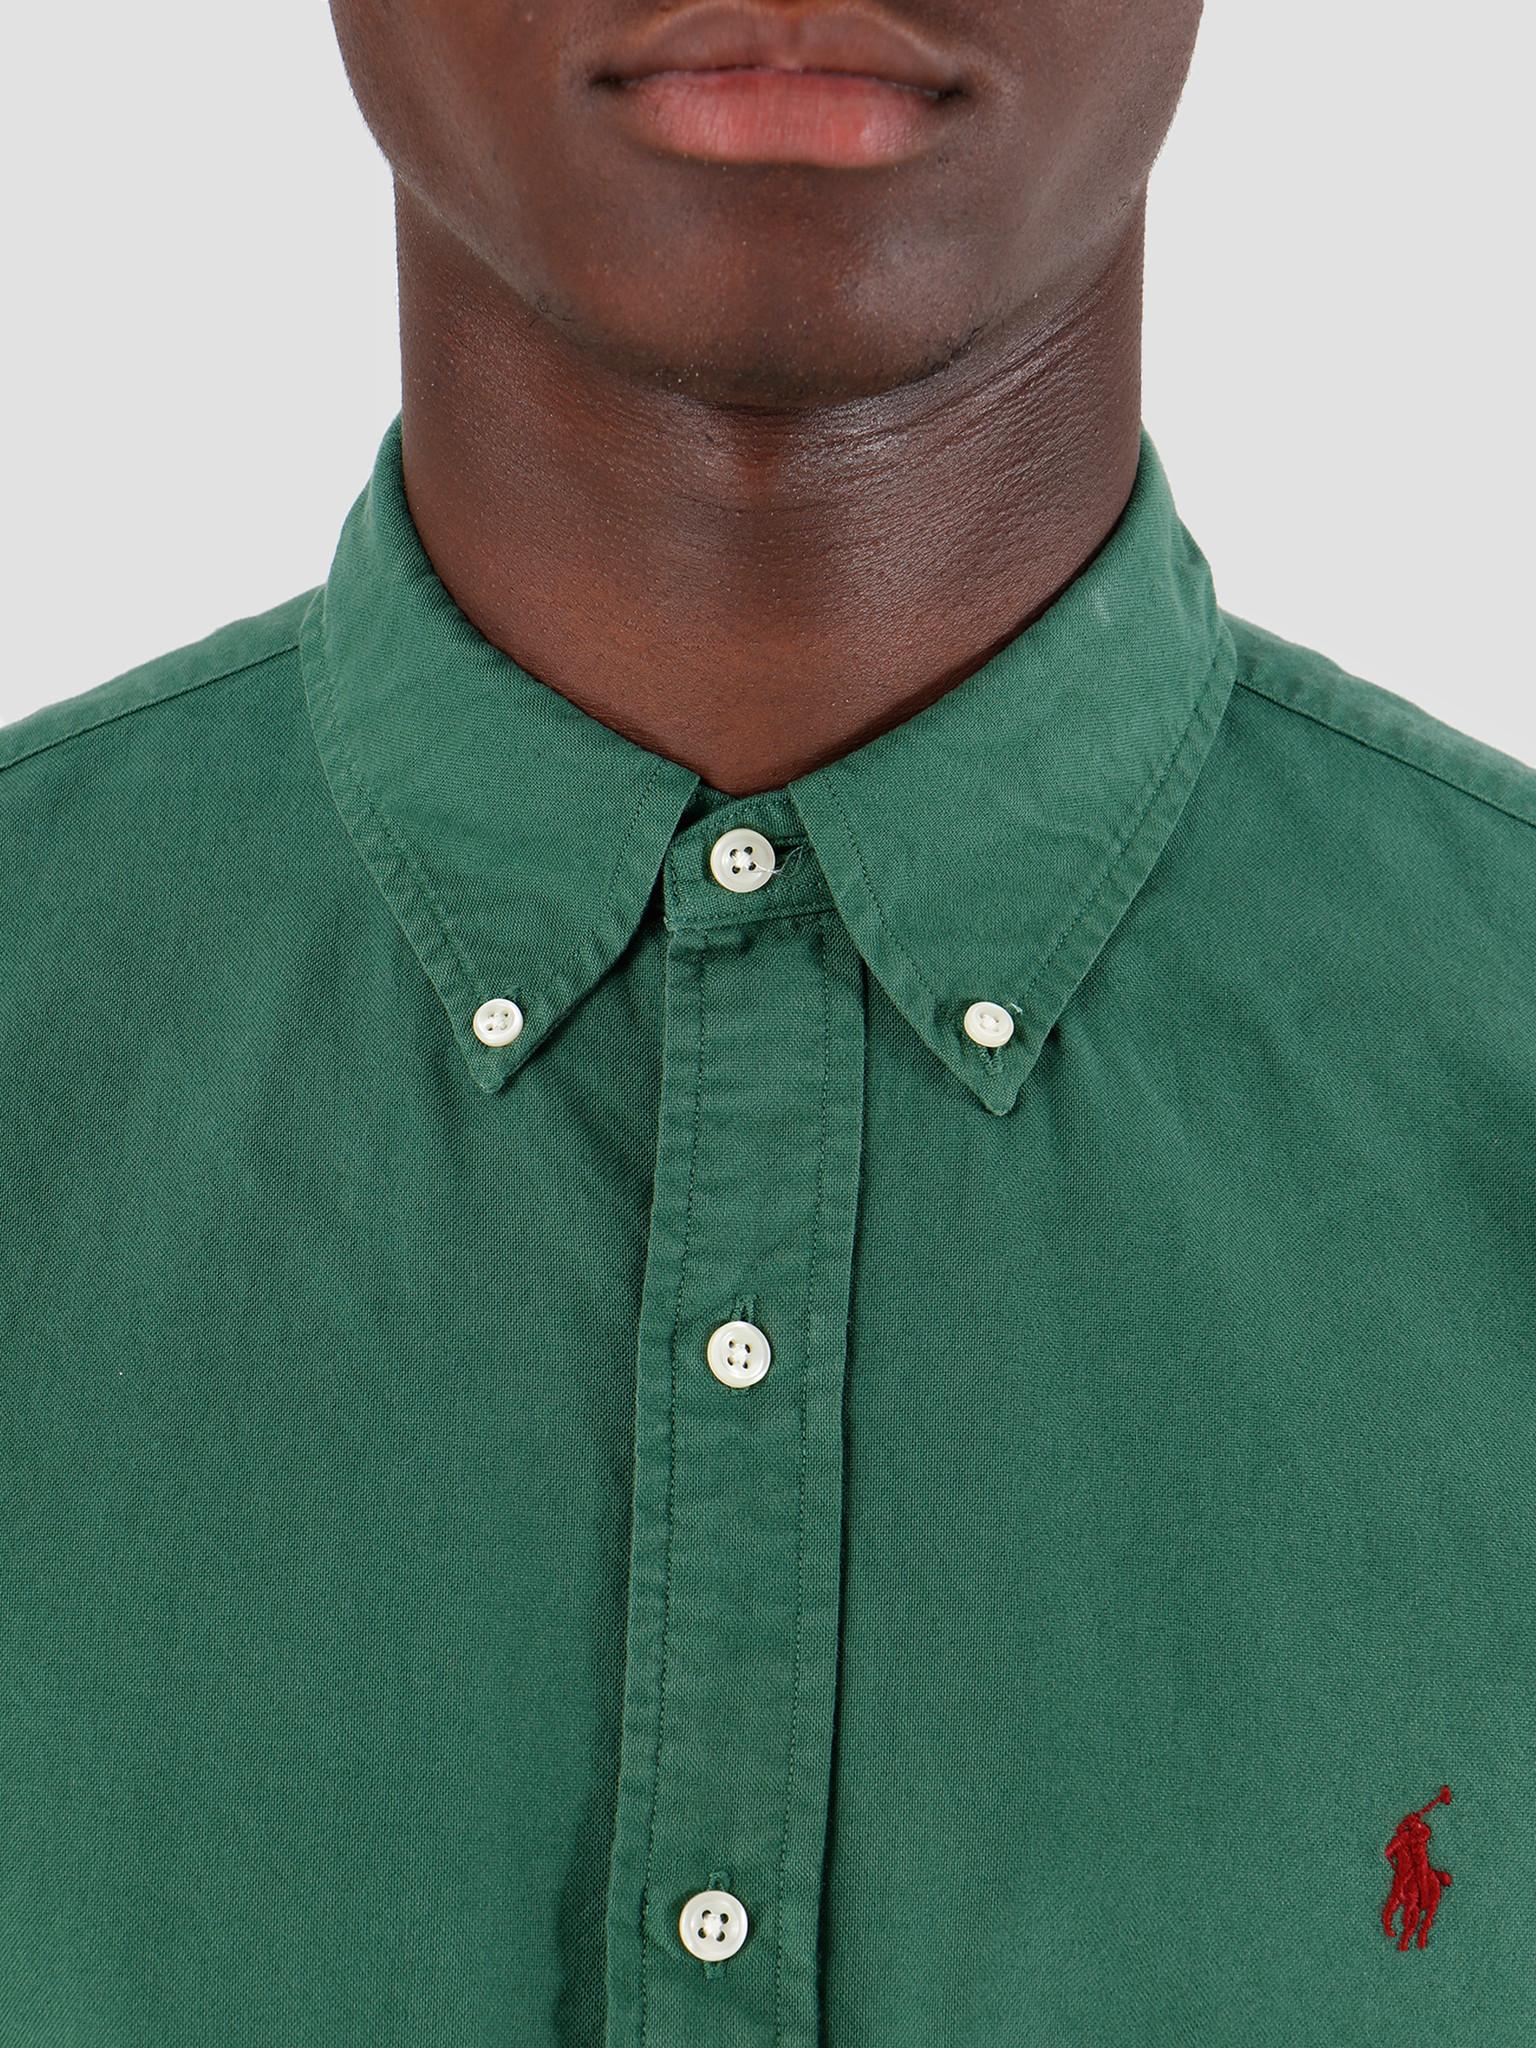 Polo Ralph Lauren Polo Ralph Lauren Oxford Longsleeve Sport Shirt Green 710758082001